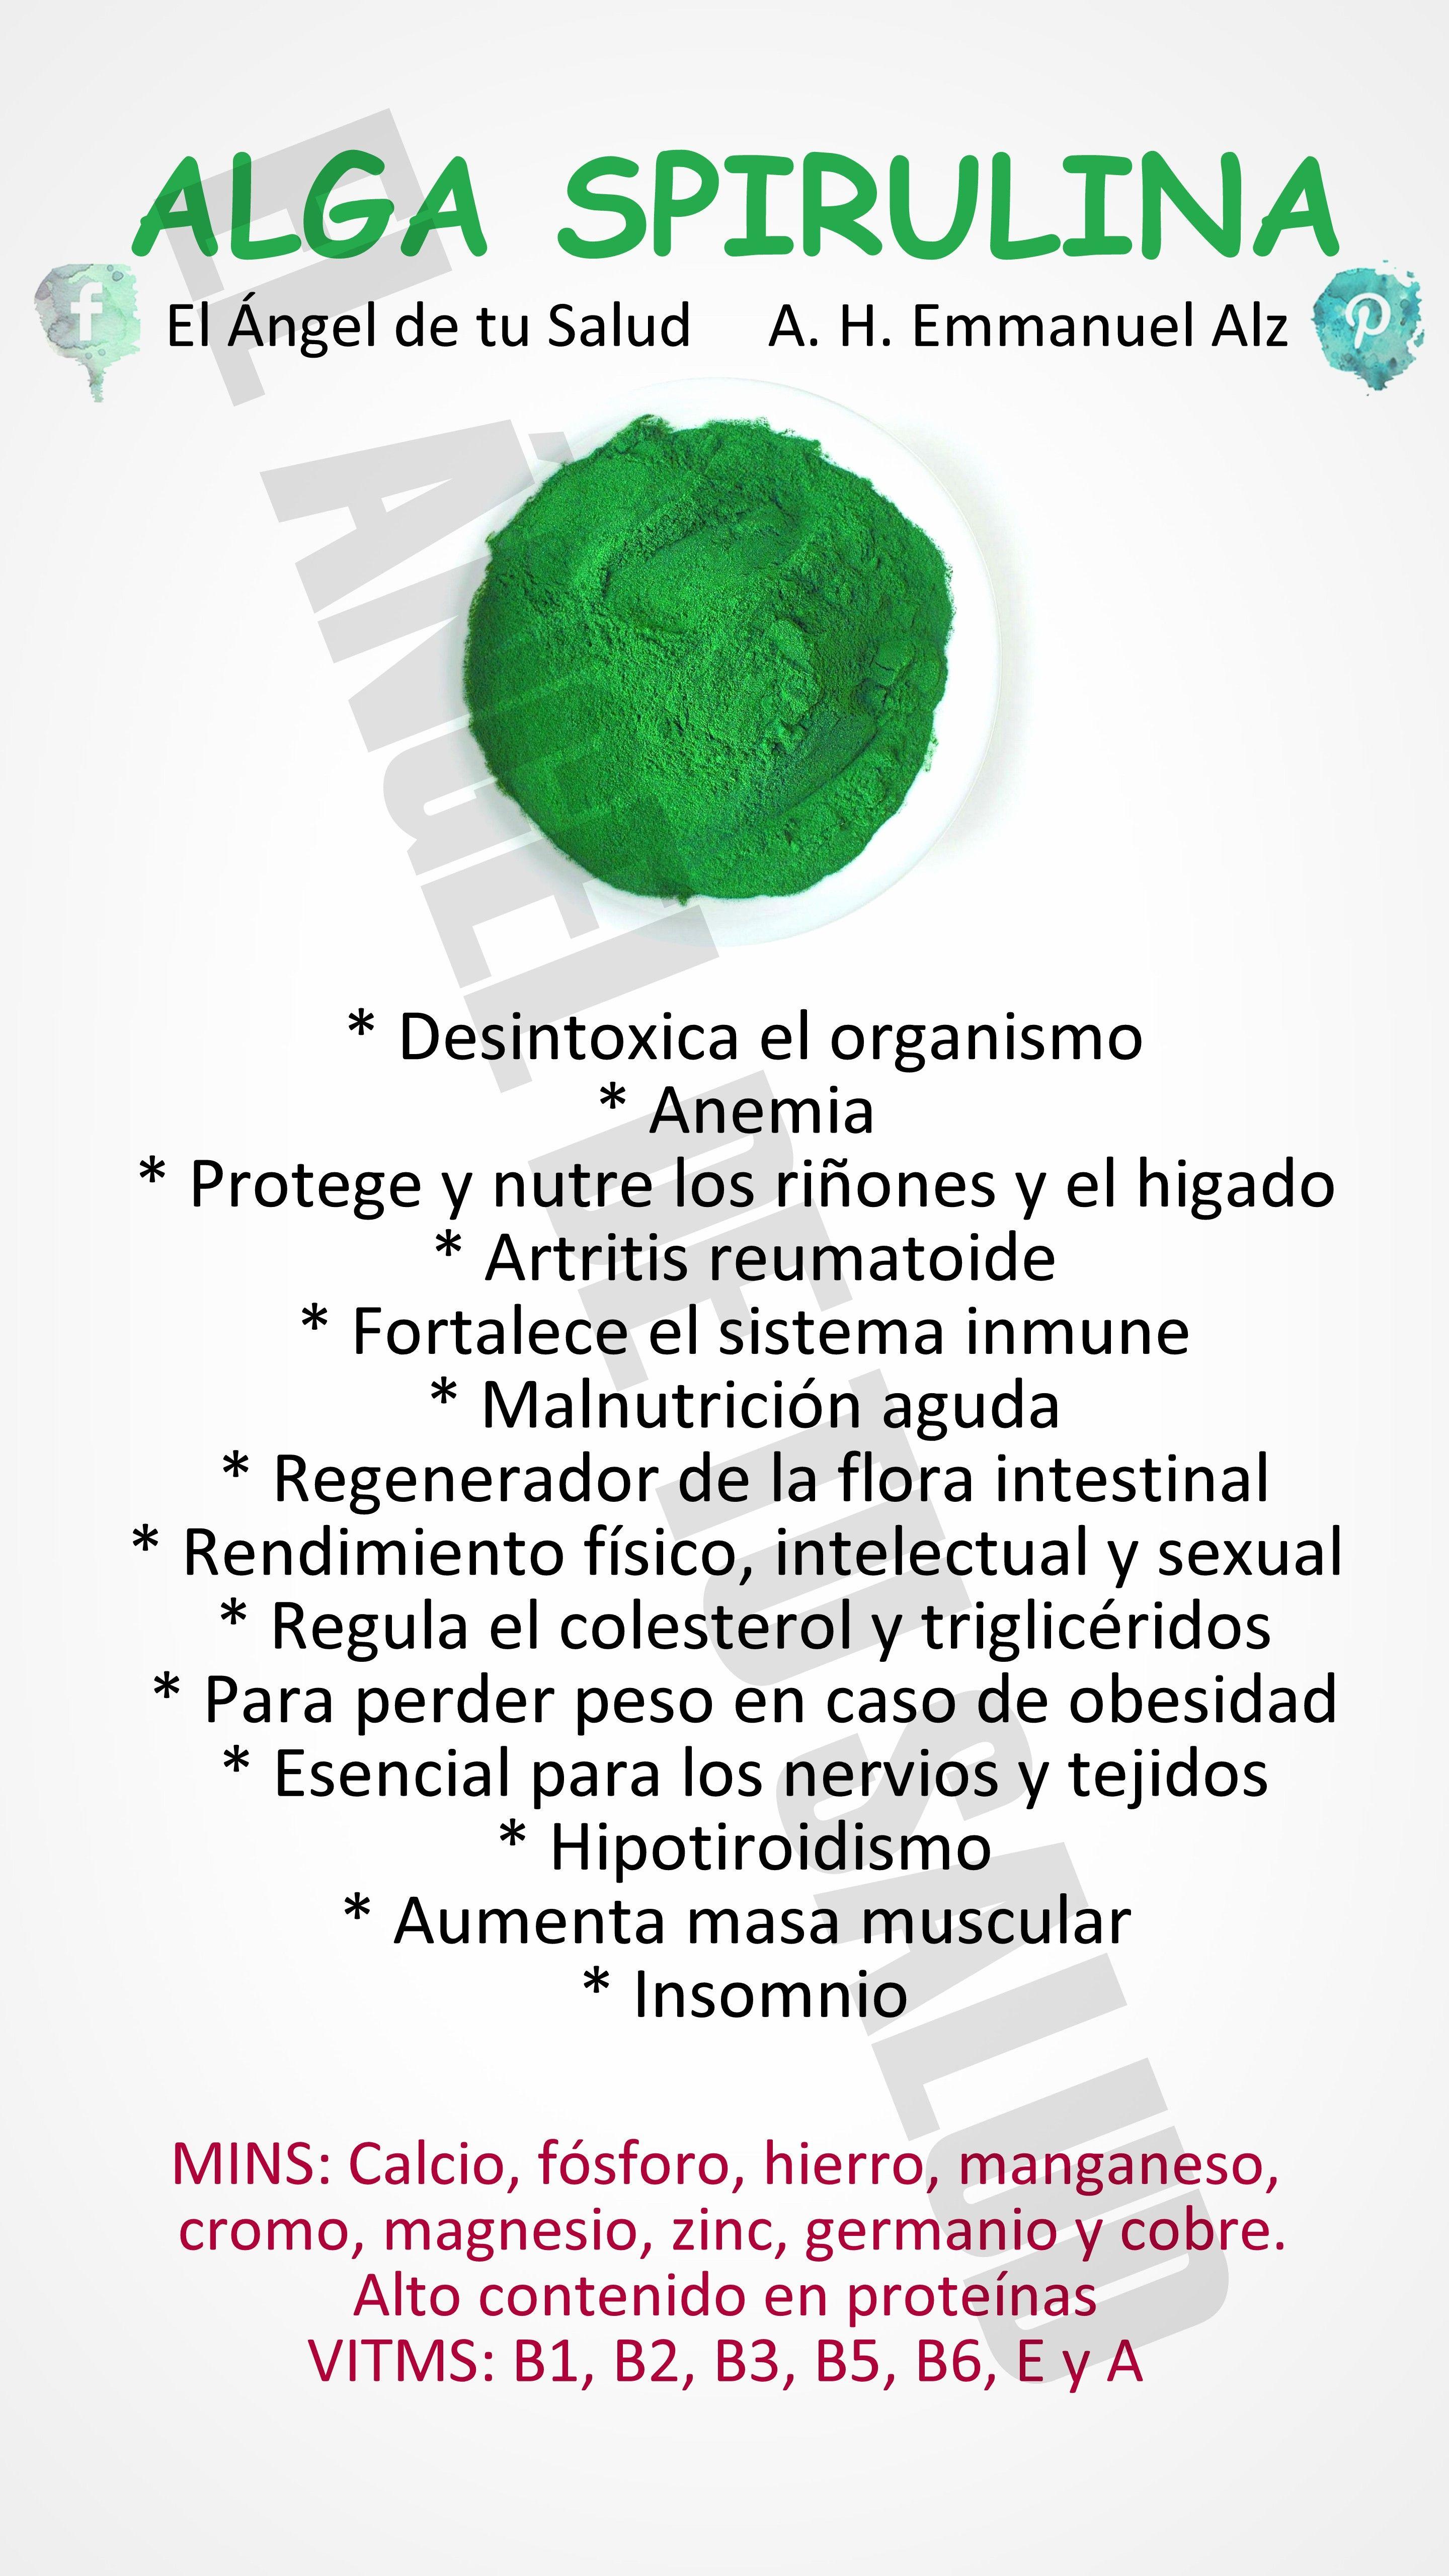 Beneficios Del Alga Spirulina Plantasmedicinales Emmanuelalz Espirulina Frutas Y Verduras Beneficios Recetas Para La Salud Hierbas Curativas